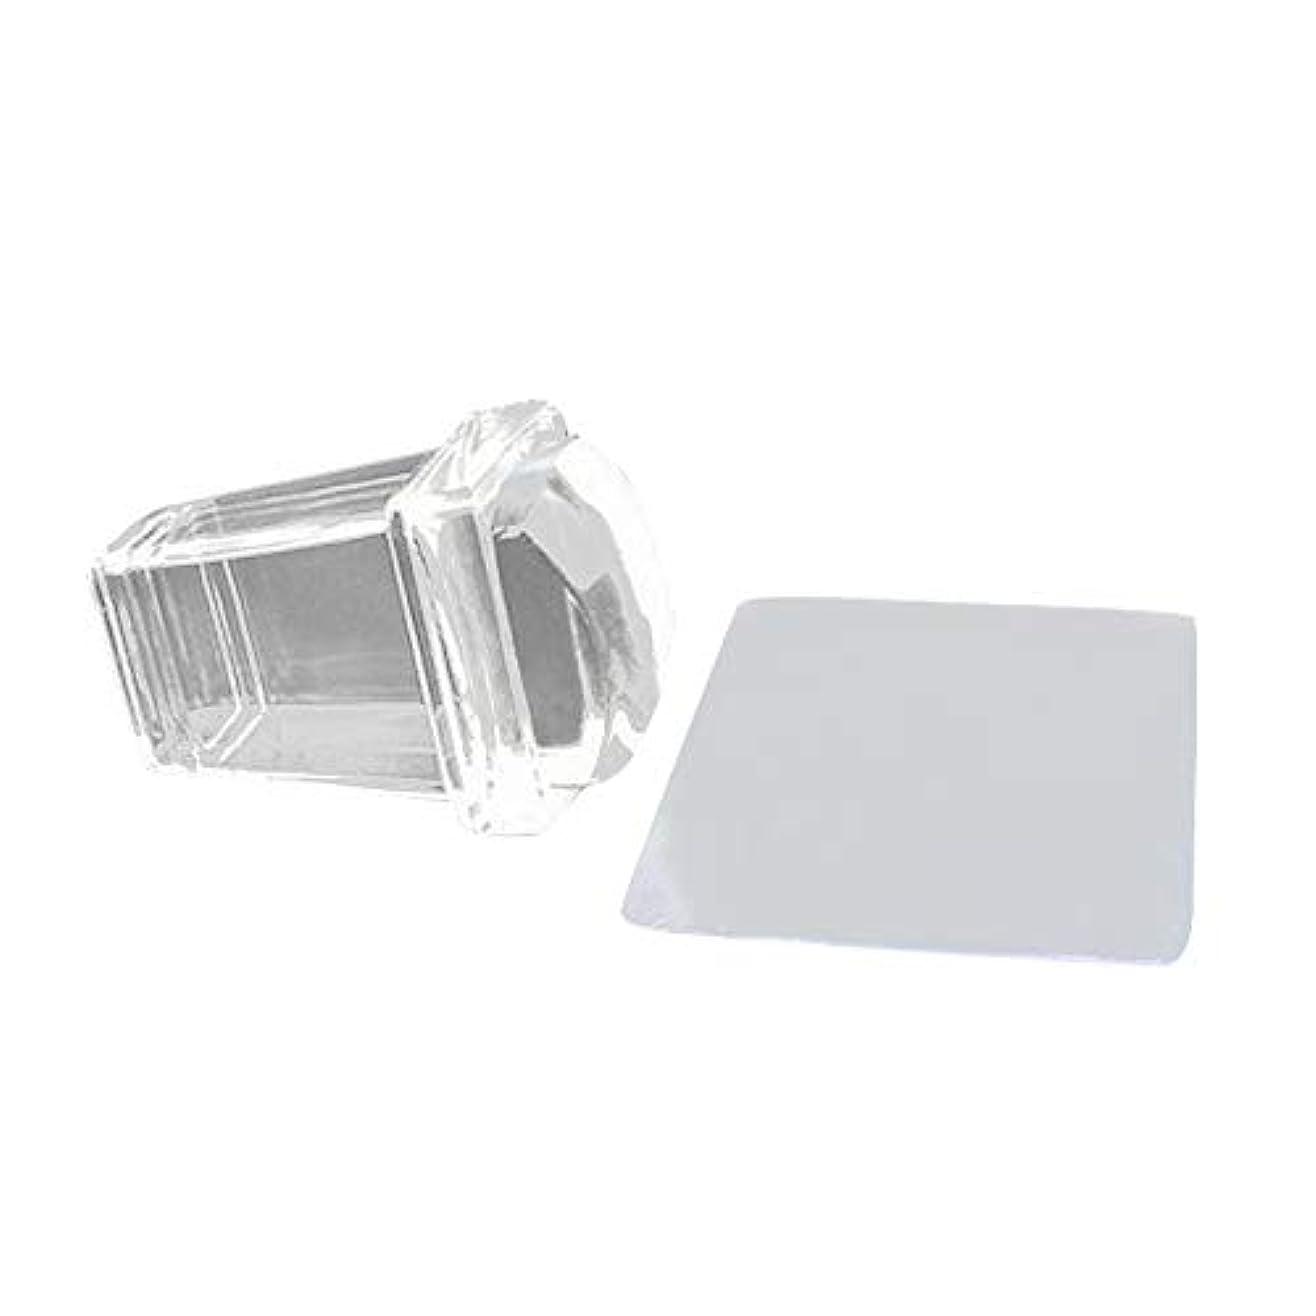 浅い興味薄めるNrpfell 新しい純粋で透明なゼリーシリコンのネイルアートスタンパーとスクレーパーのセット、透明ポリッシュ印刷ネイルのスタンピングツール、ネイルのツール、マニキュア